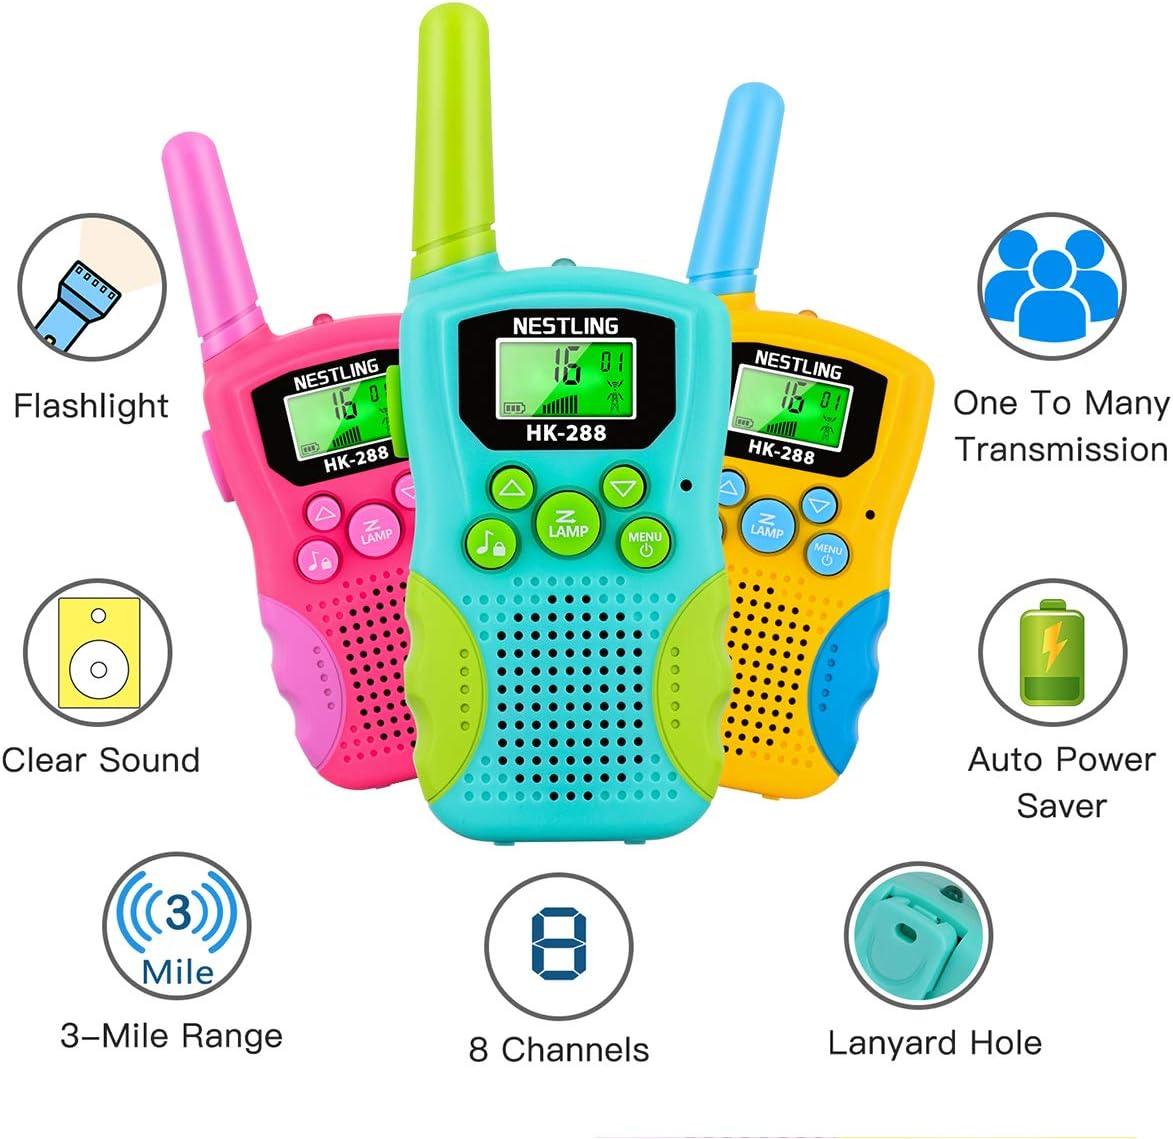 Nestling Walkie Talkie Kinder Spielzeug,8 Kan/äle 3 Meilen Reichweite Funkger/ät mit Hintergrundbeleuchteter LCD-Taschenlampe und 3 Schl/üsselb/änder f/ür Abenteuer im Freien Wandern Camping